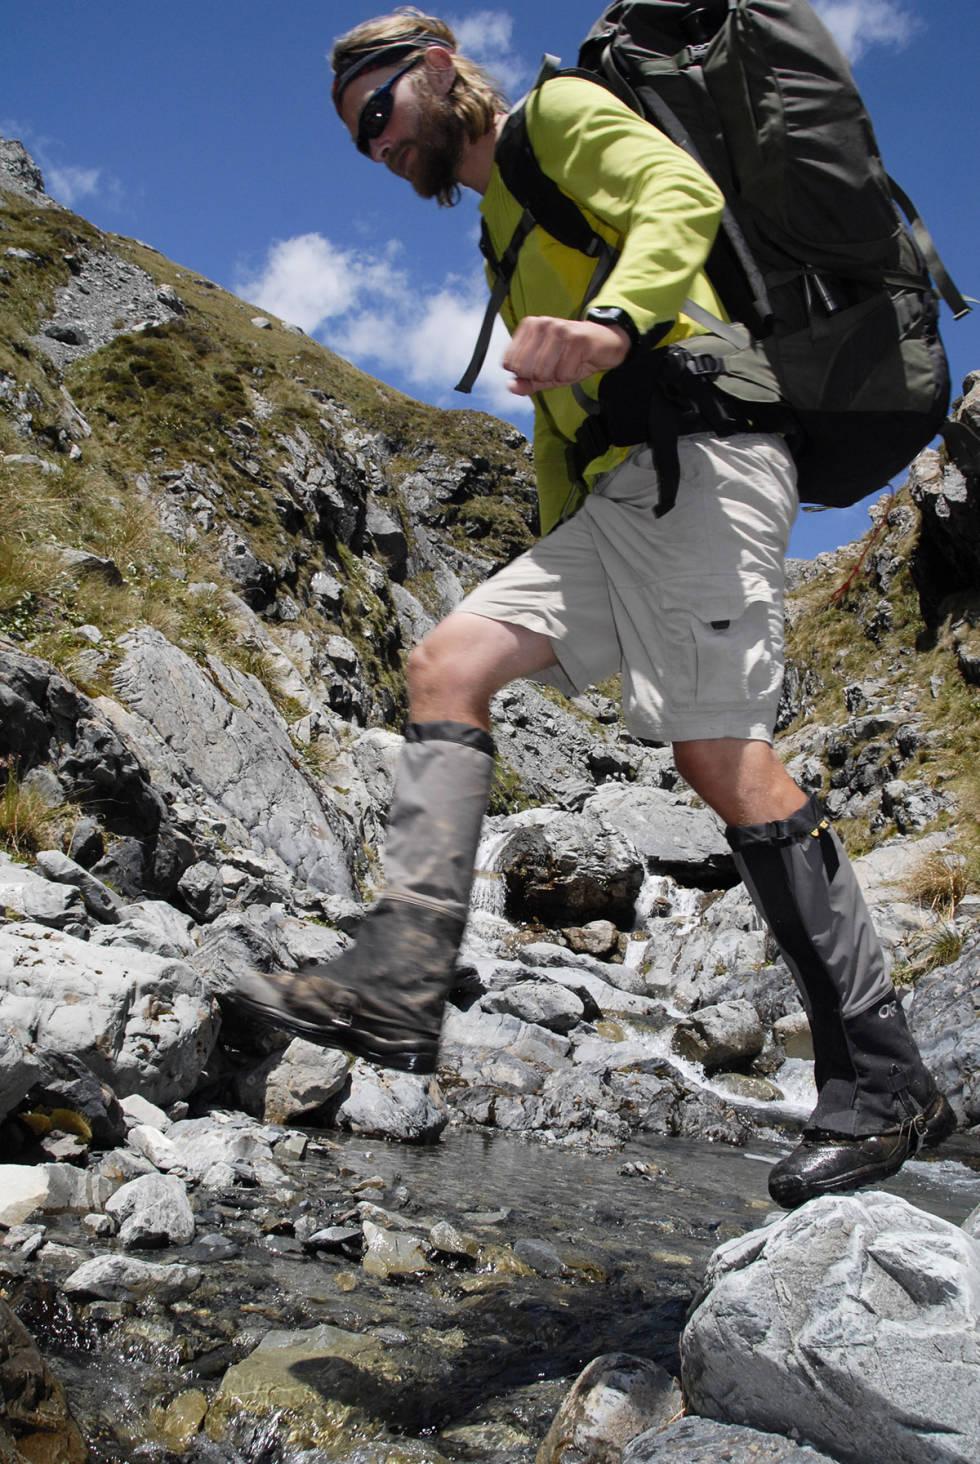 Mann går i fjellet med tunge fjellsko